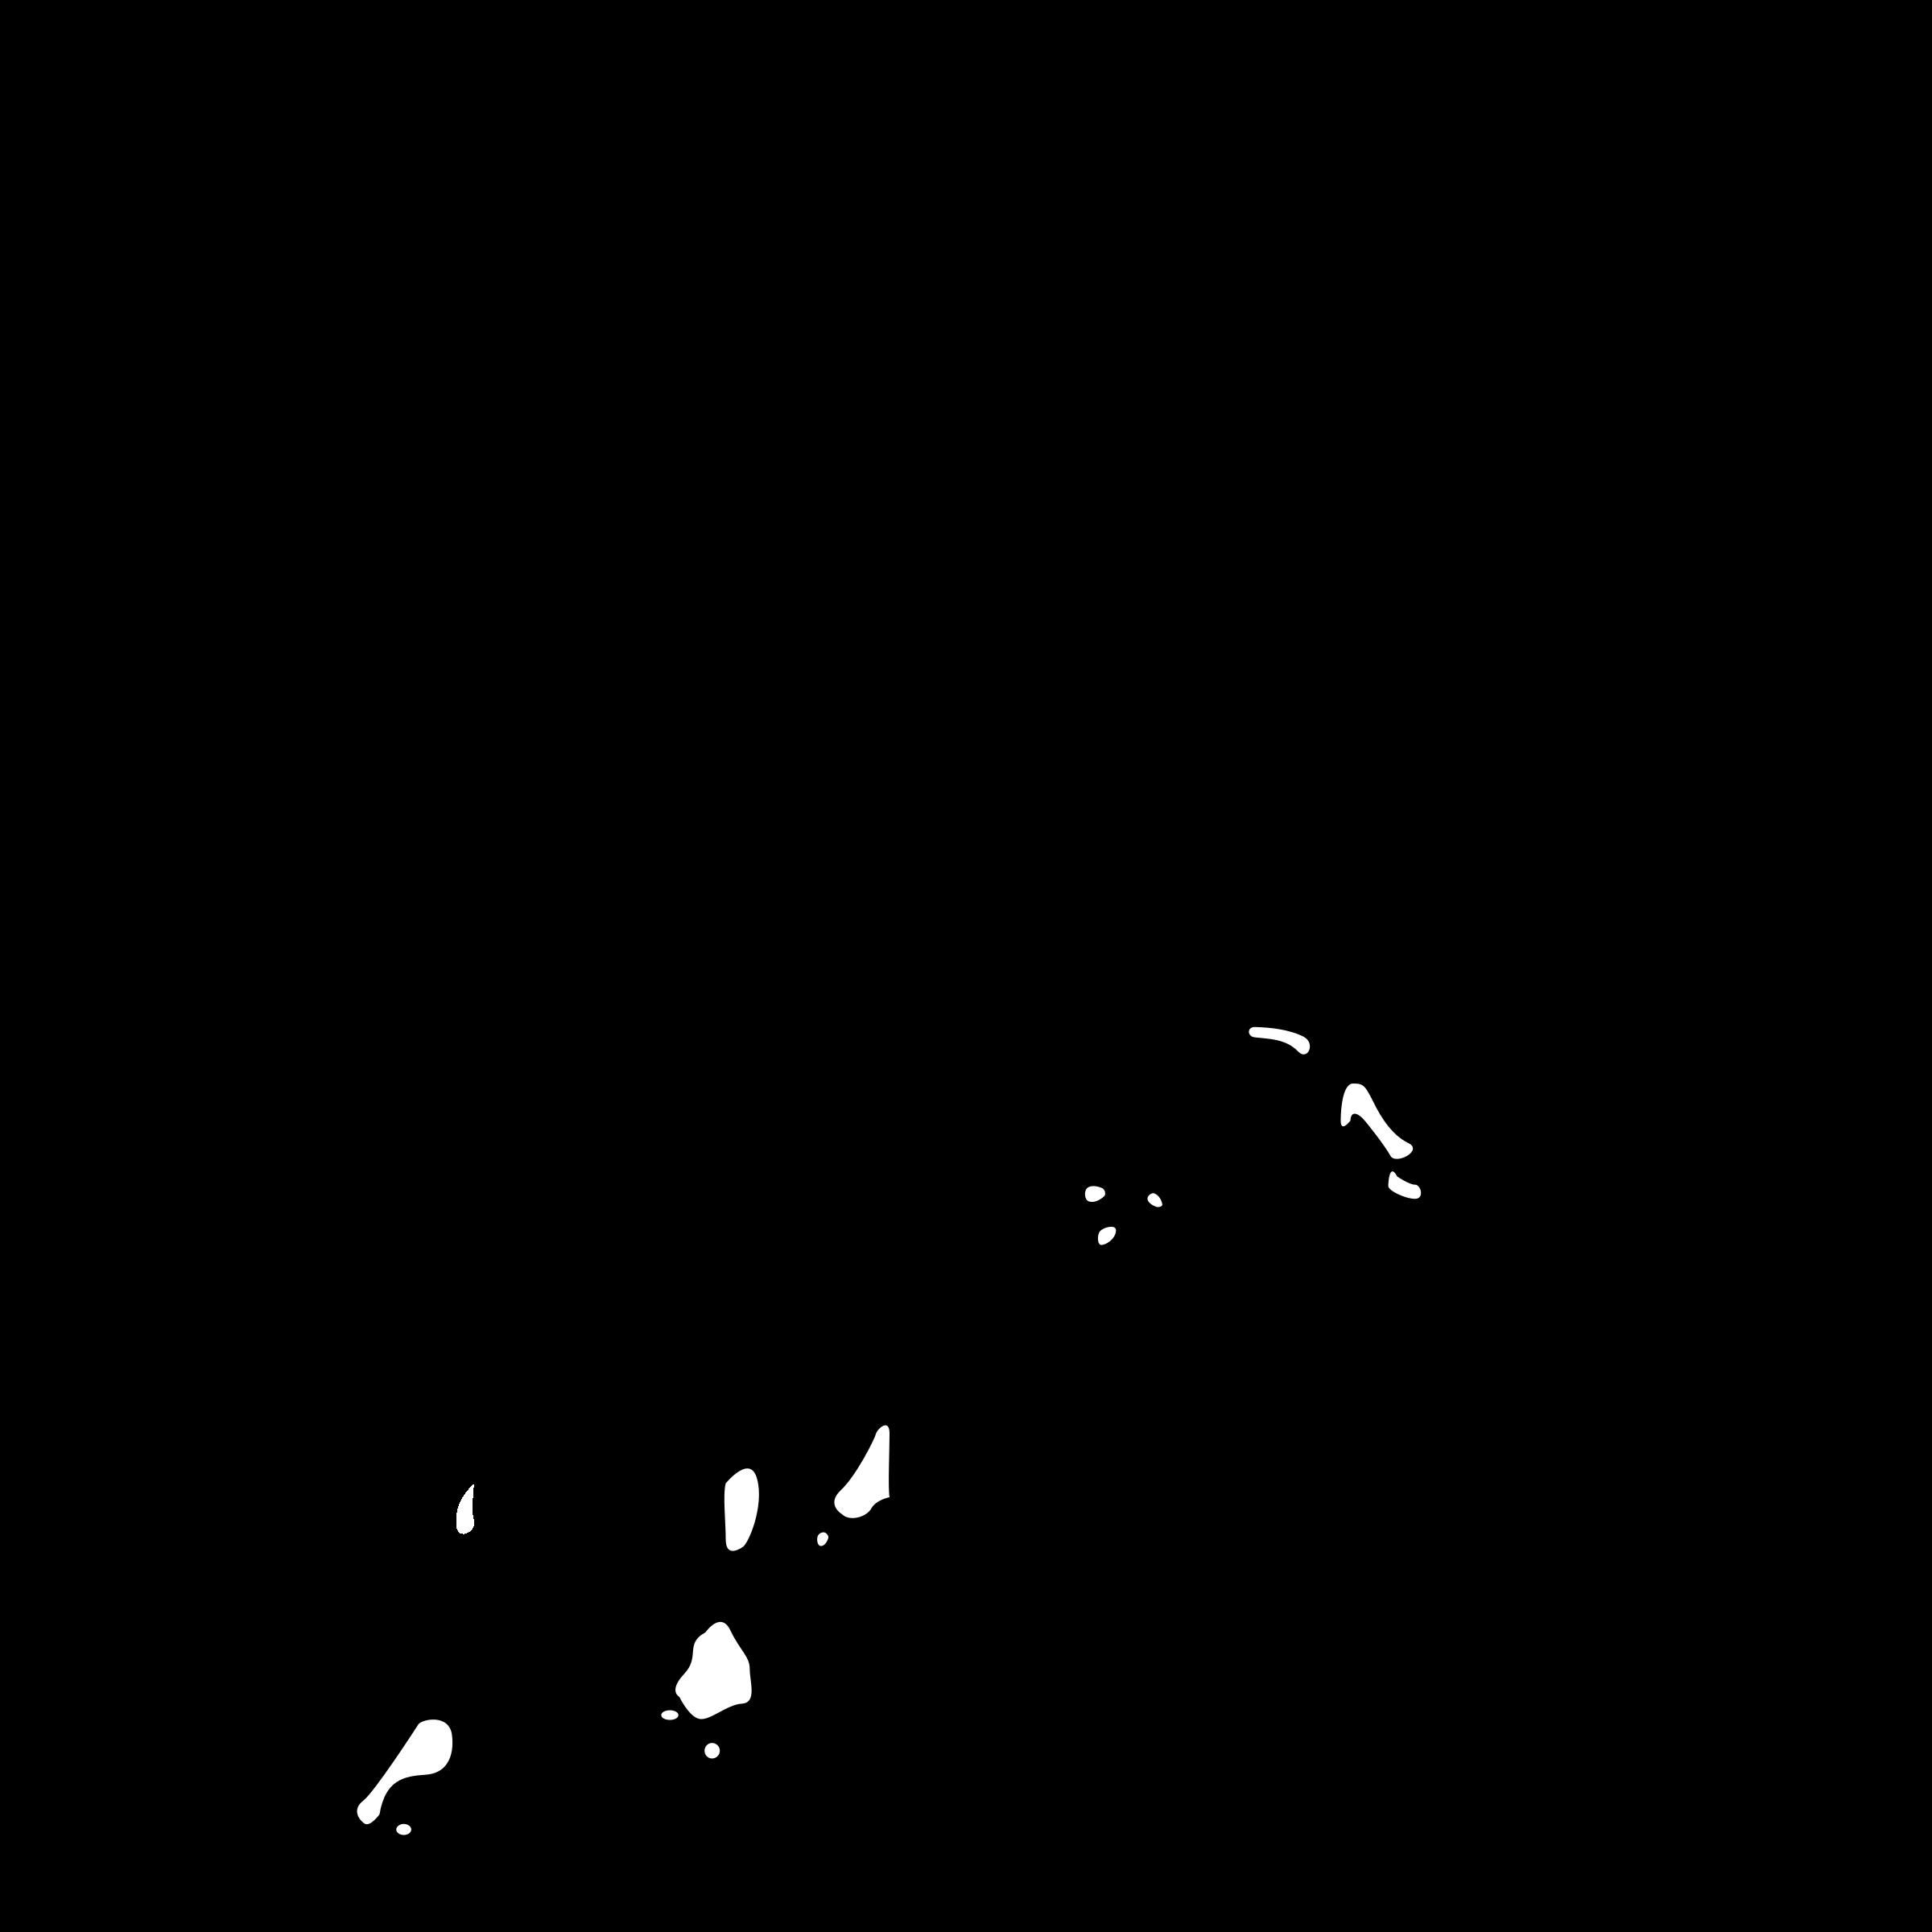 Lamborghini logo png transparent. Ox clipart vector